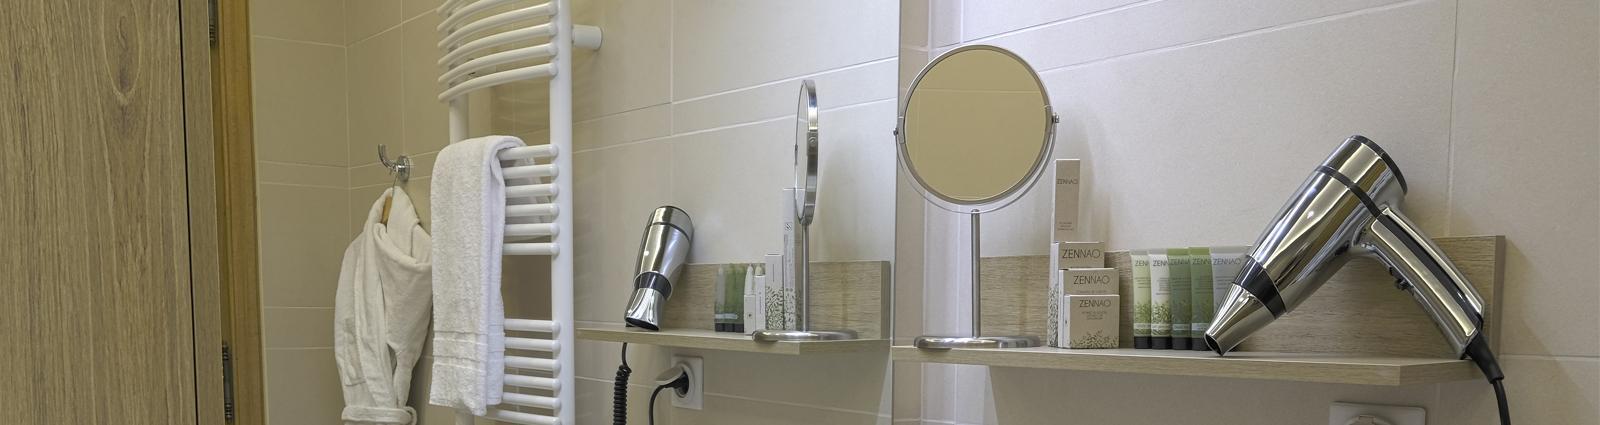 Equiper sa salle de bain passe aussi par l'installation de miroirs grossissants. Accessoire incontournable en hôtellerie, ce dernier vous permettra da satisfaire vos clients et de leur offrir une prestation de qualité.